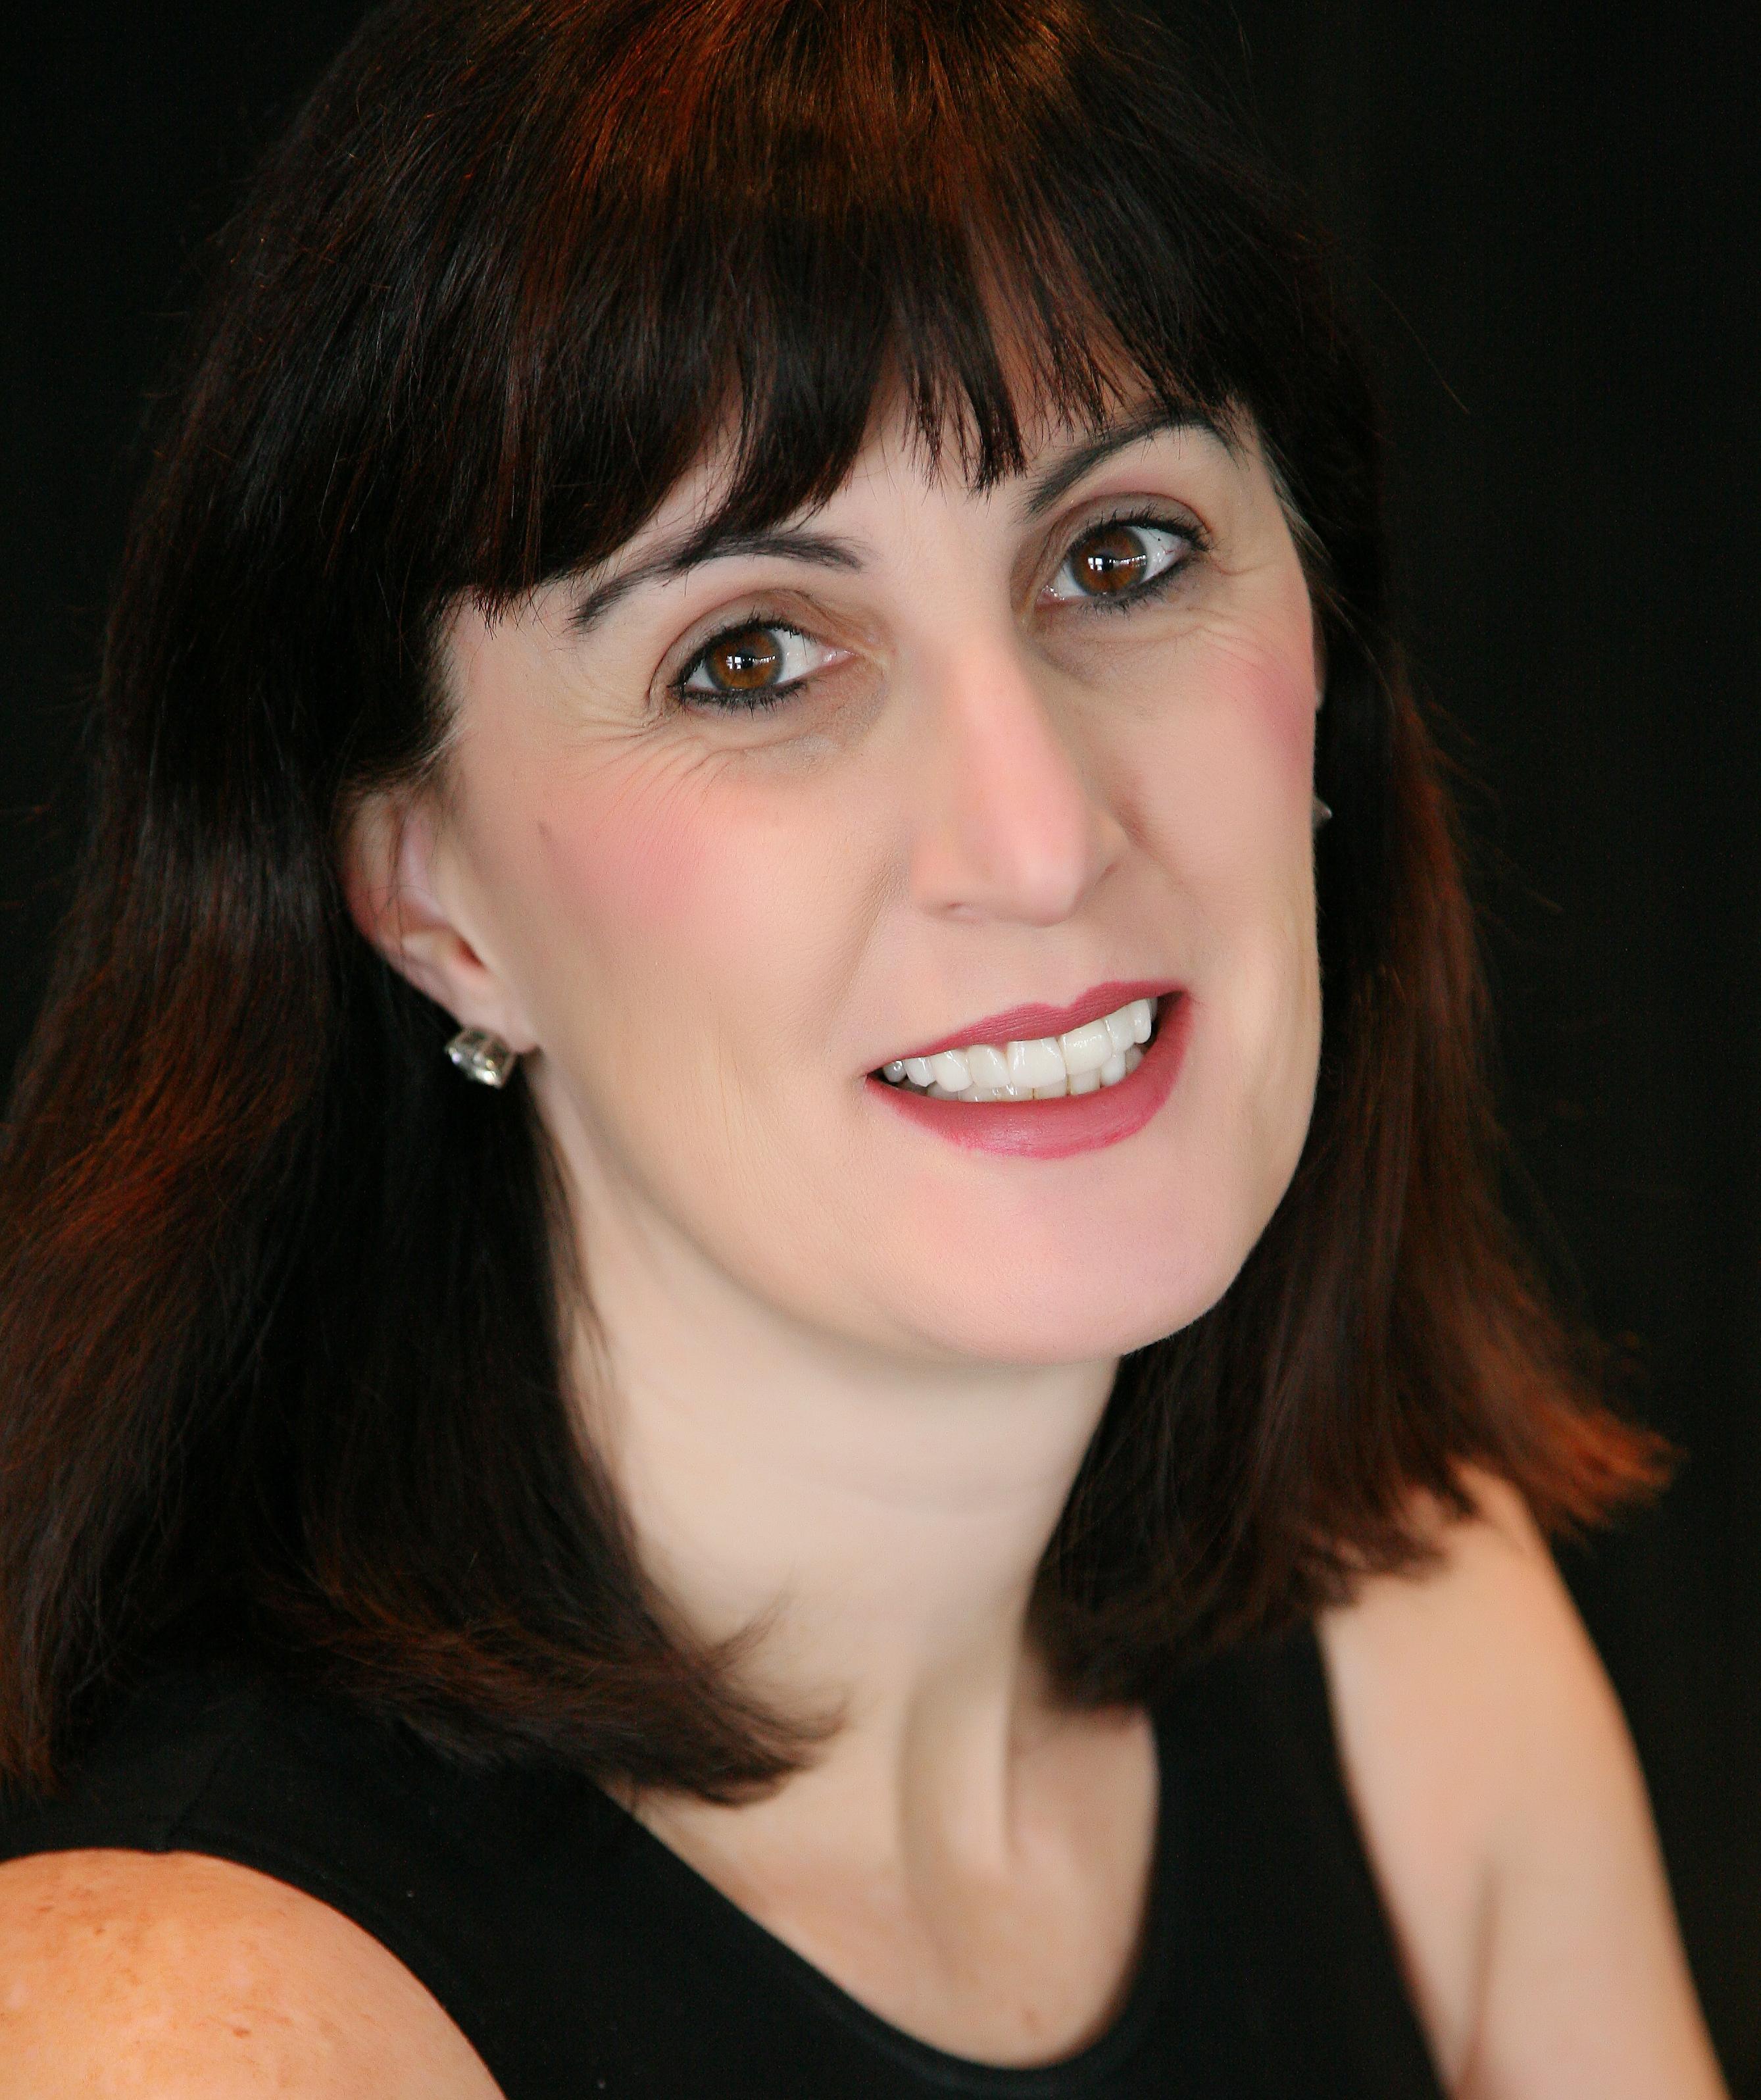 McKenna Headshot